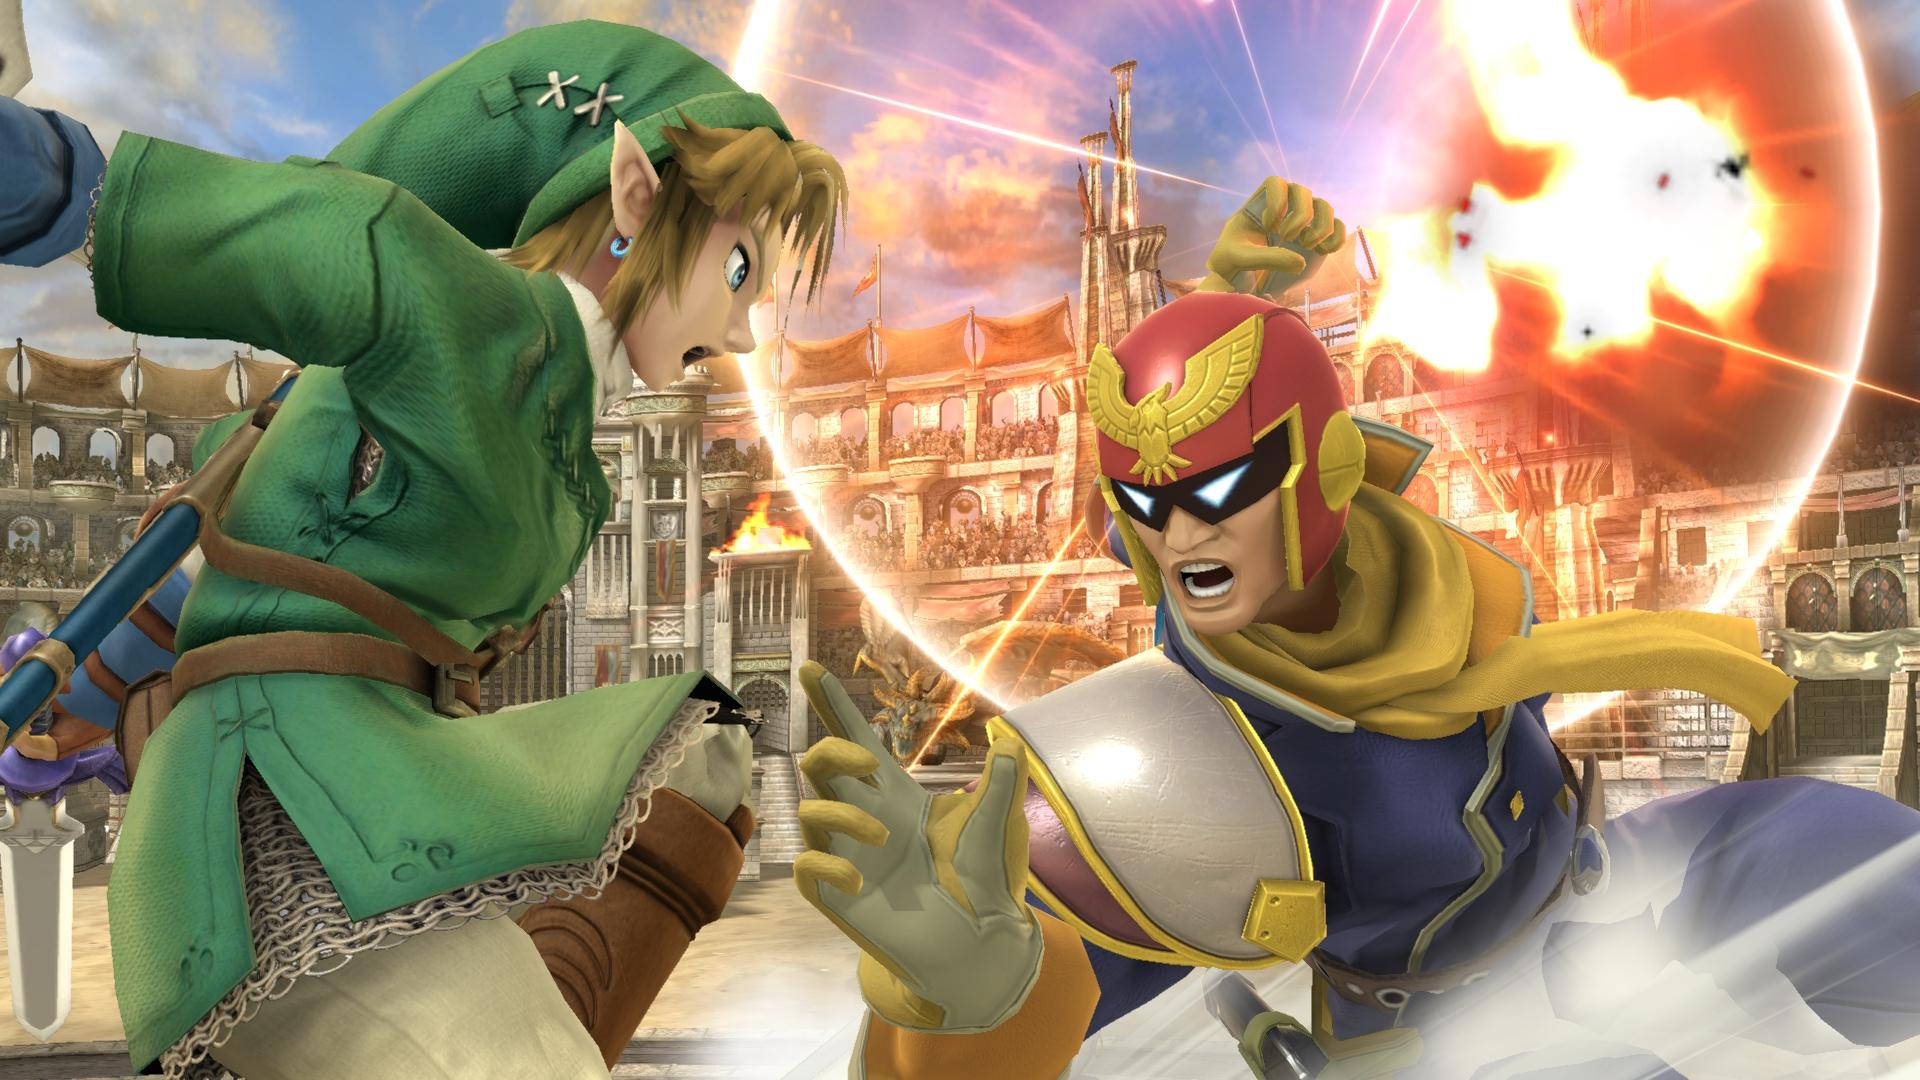 Fecha de lanzamiento del Super Smash Bros Switch, tráiler y noticias